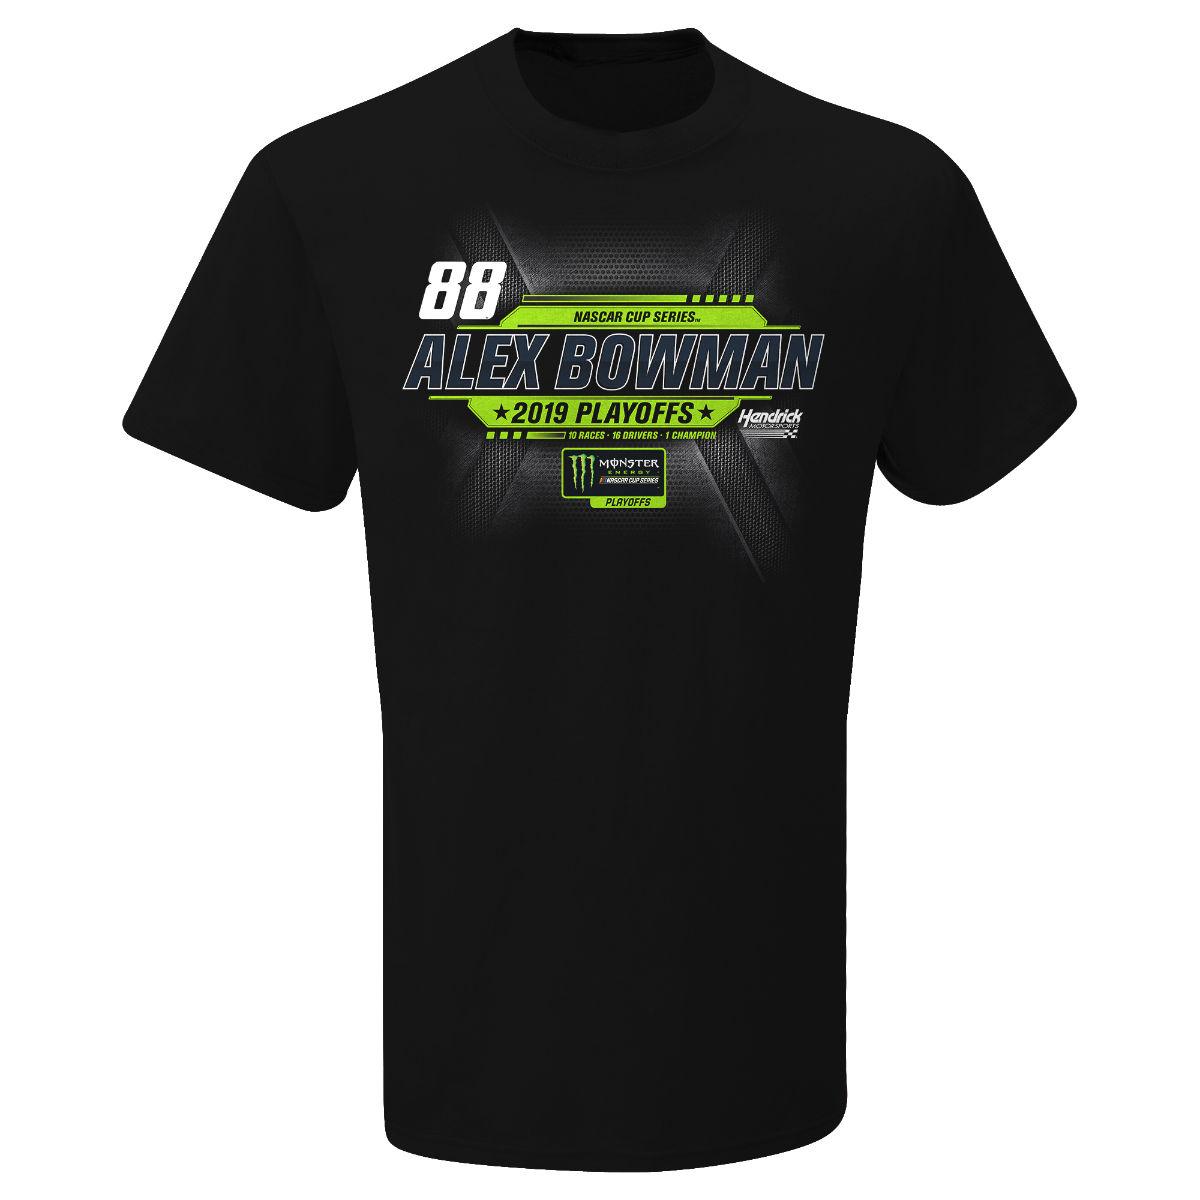 Alex Bowman #88 2019 NASCAR PLAYOFF AXALTA scheme T-shirt